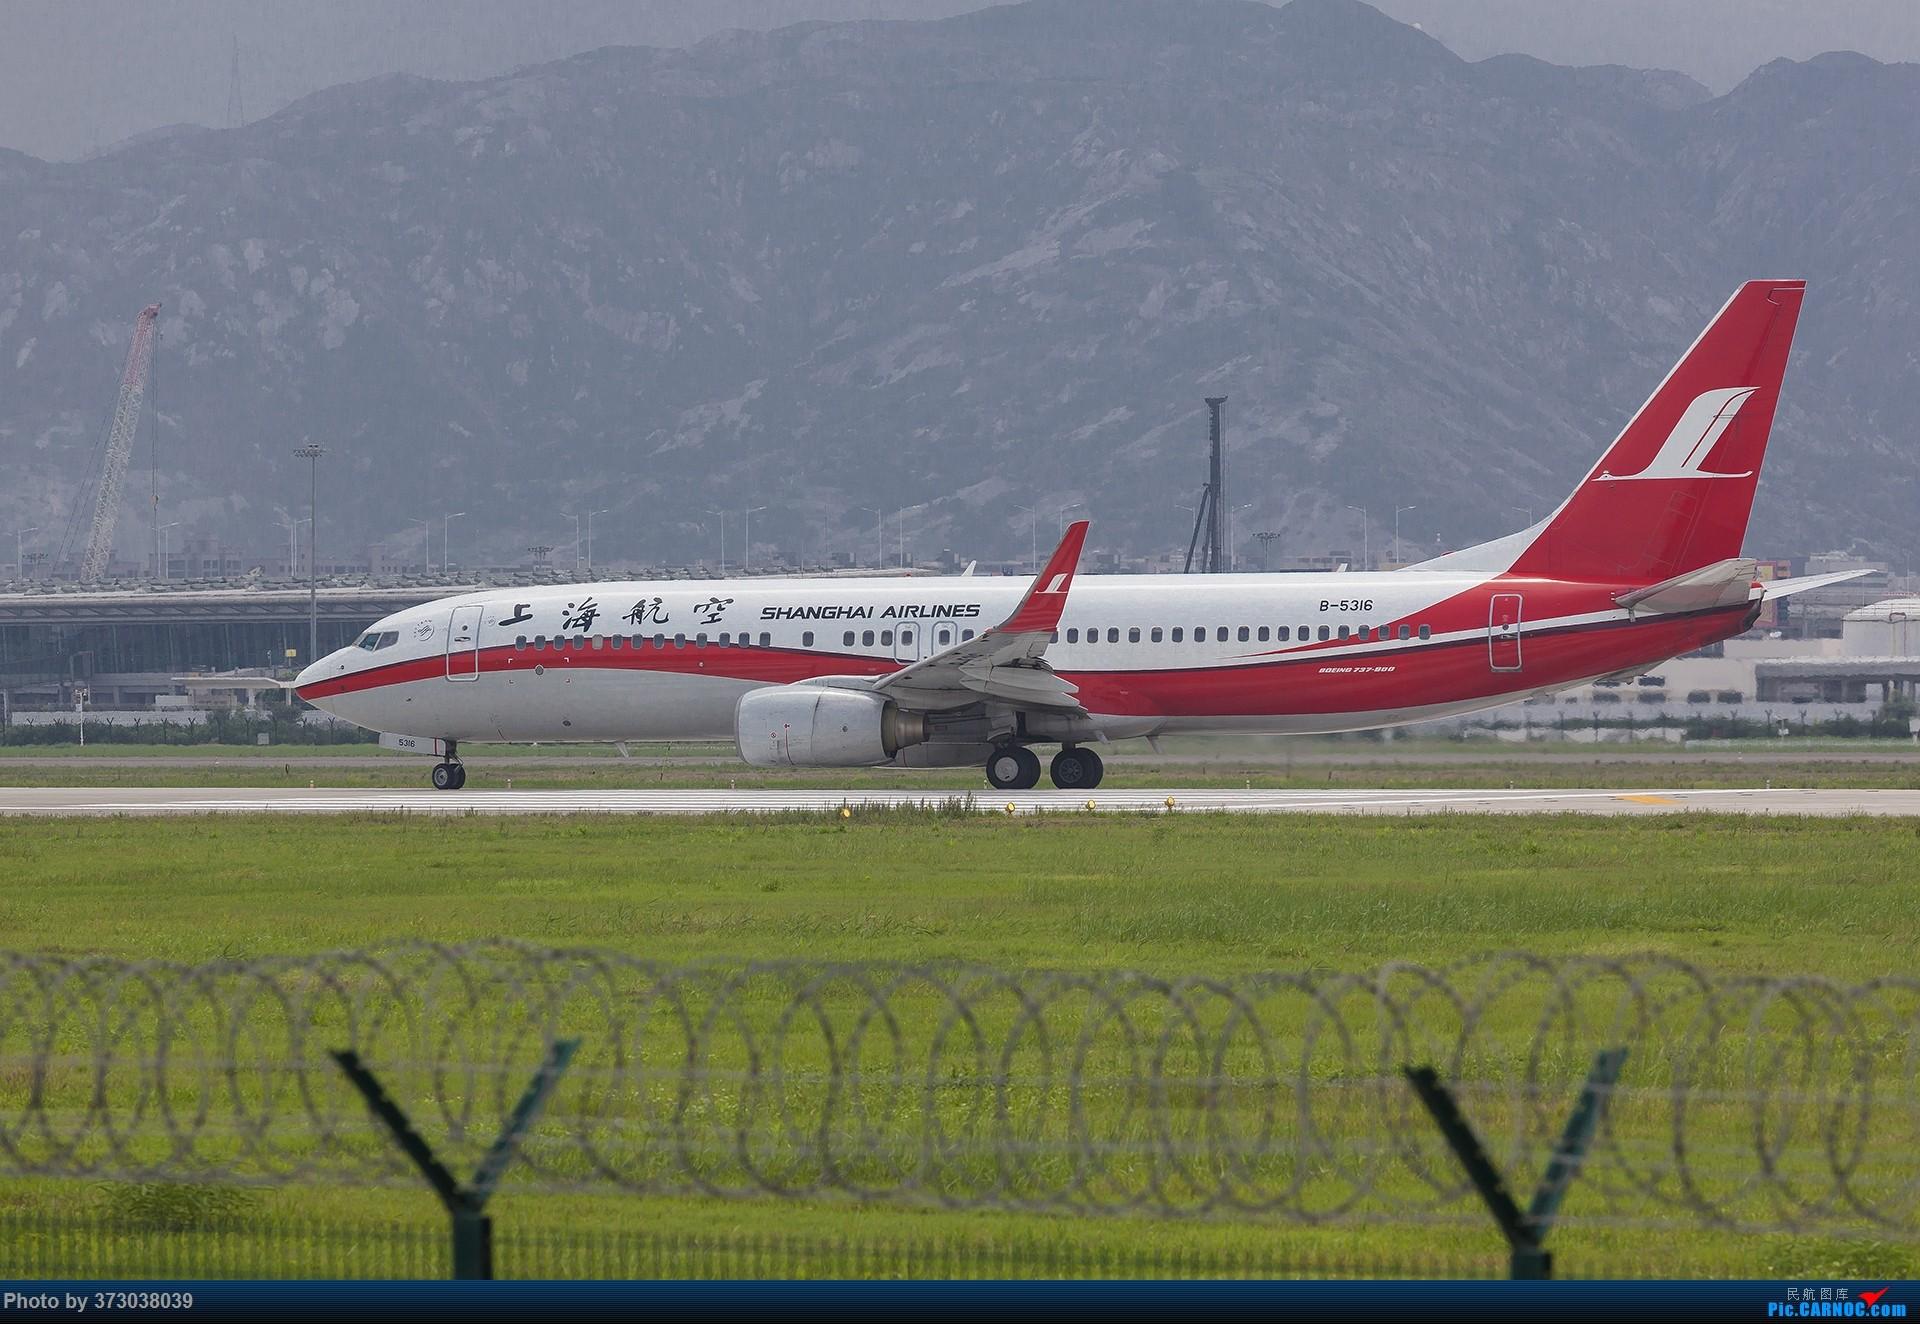 Re:[原创]【杭州飞友会】久别重逢,自个家乡的温州龙湾国际机场 BOEING 737-800 B-5316 中国温州龙湾国际机场